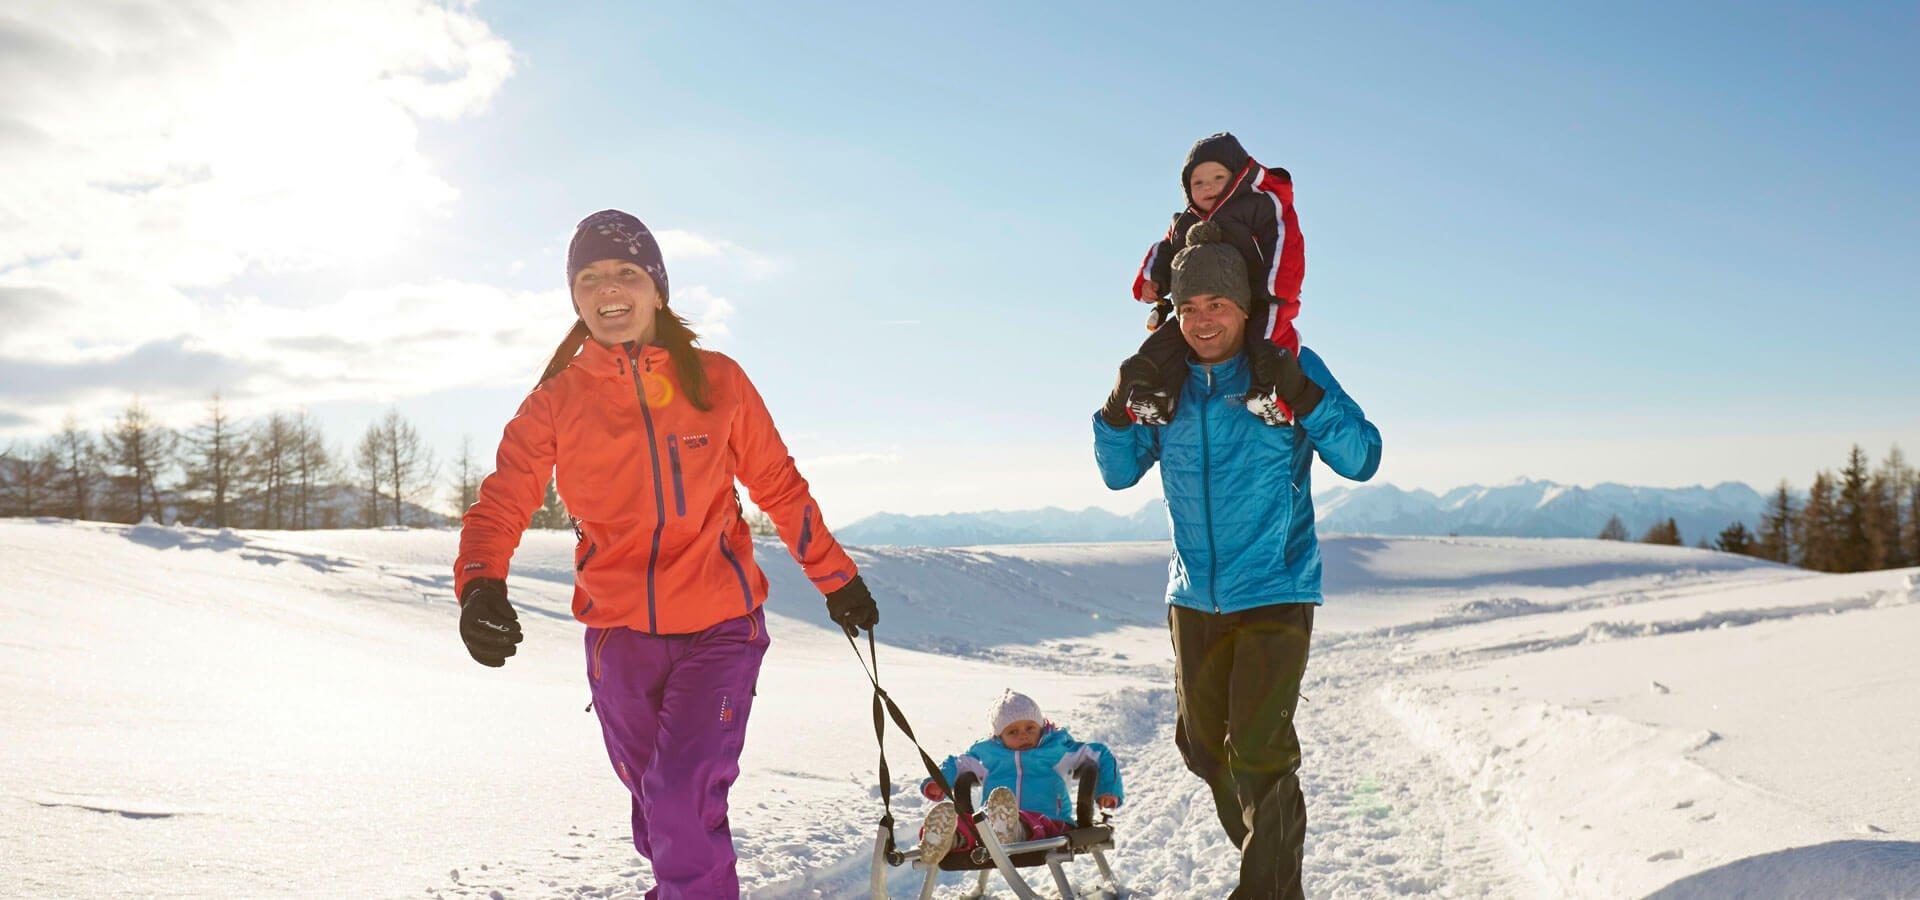 winterferien-suedtirol-skigebiet-seiser-alm